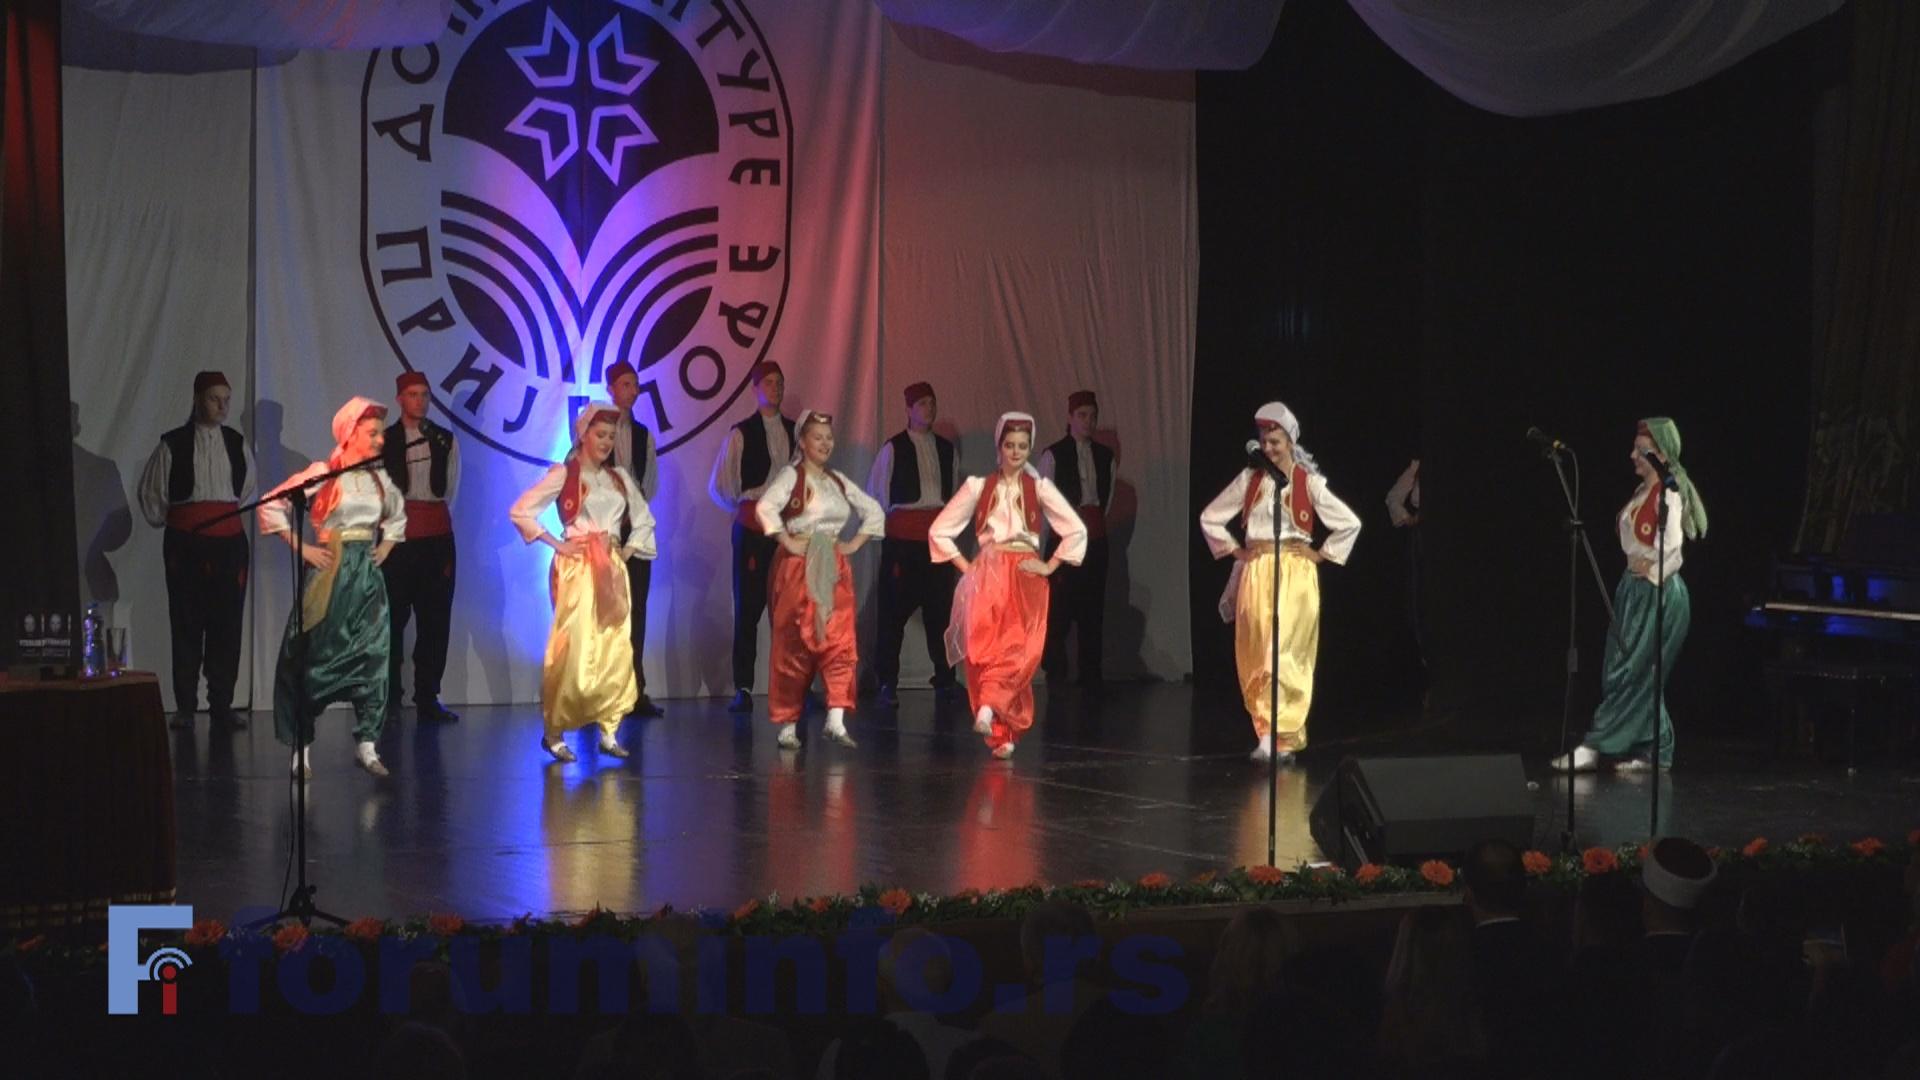 Фолклорни ансамбл Дома културе на међународном фестивалу у Албанији